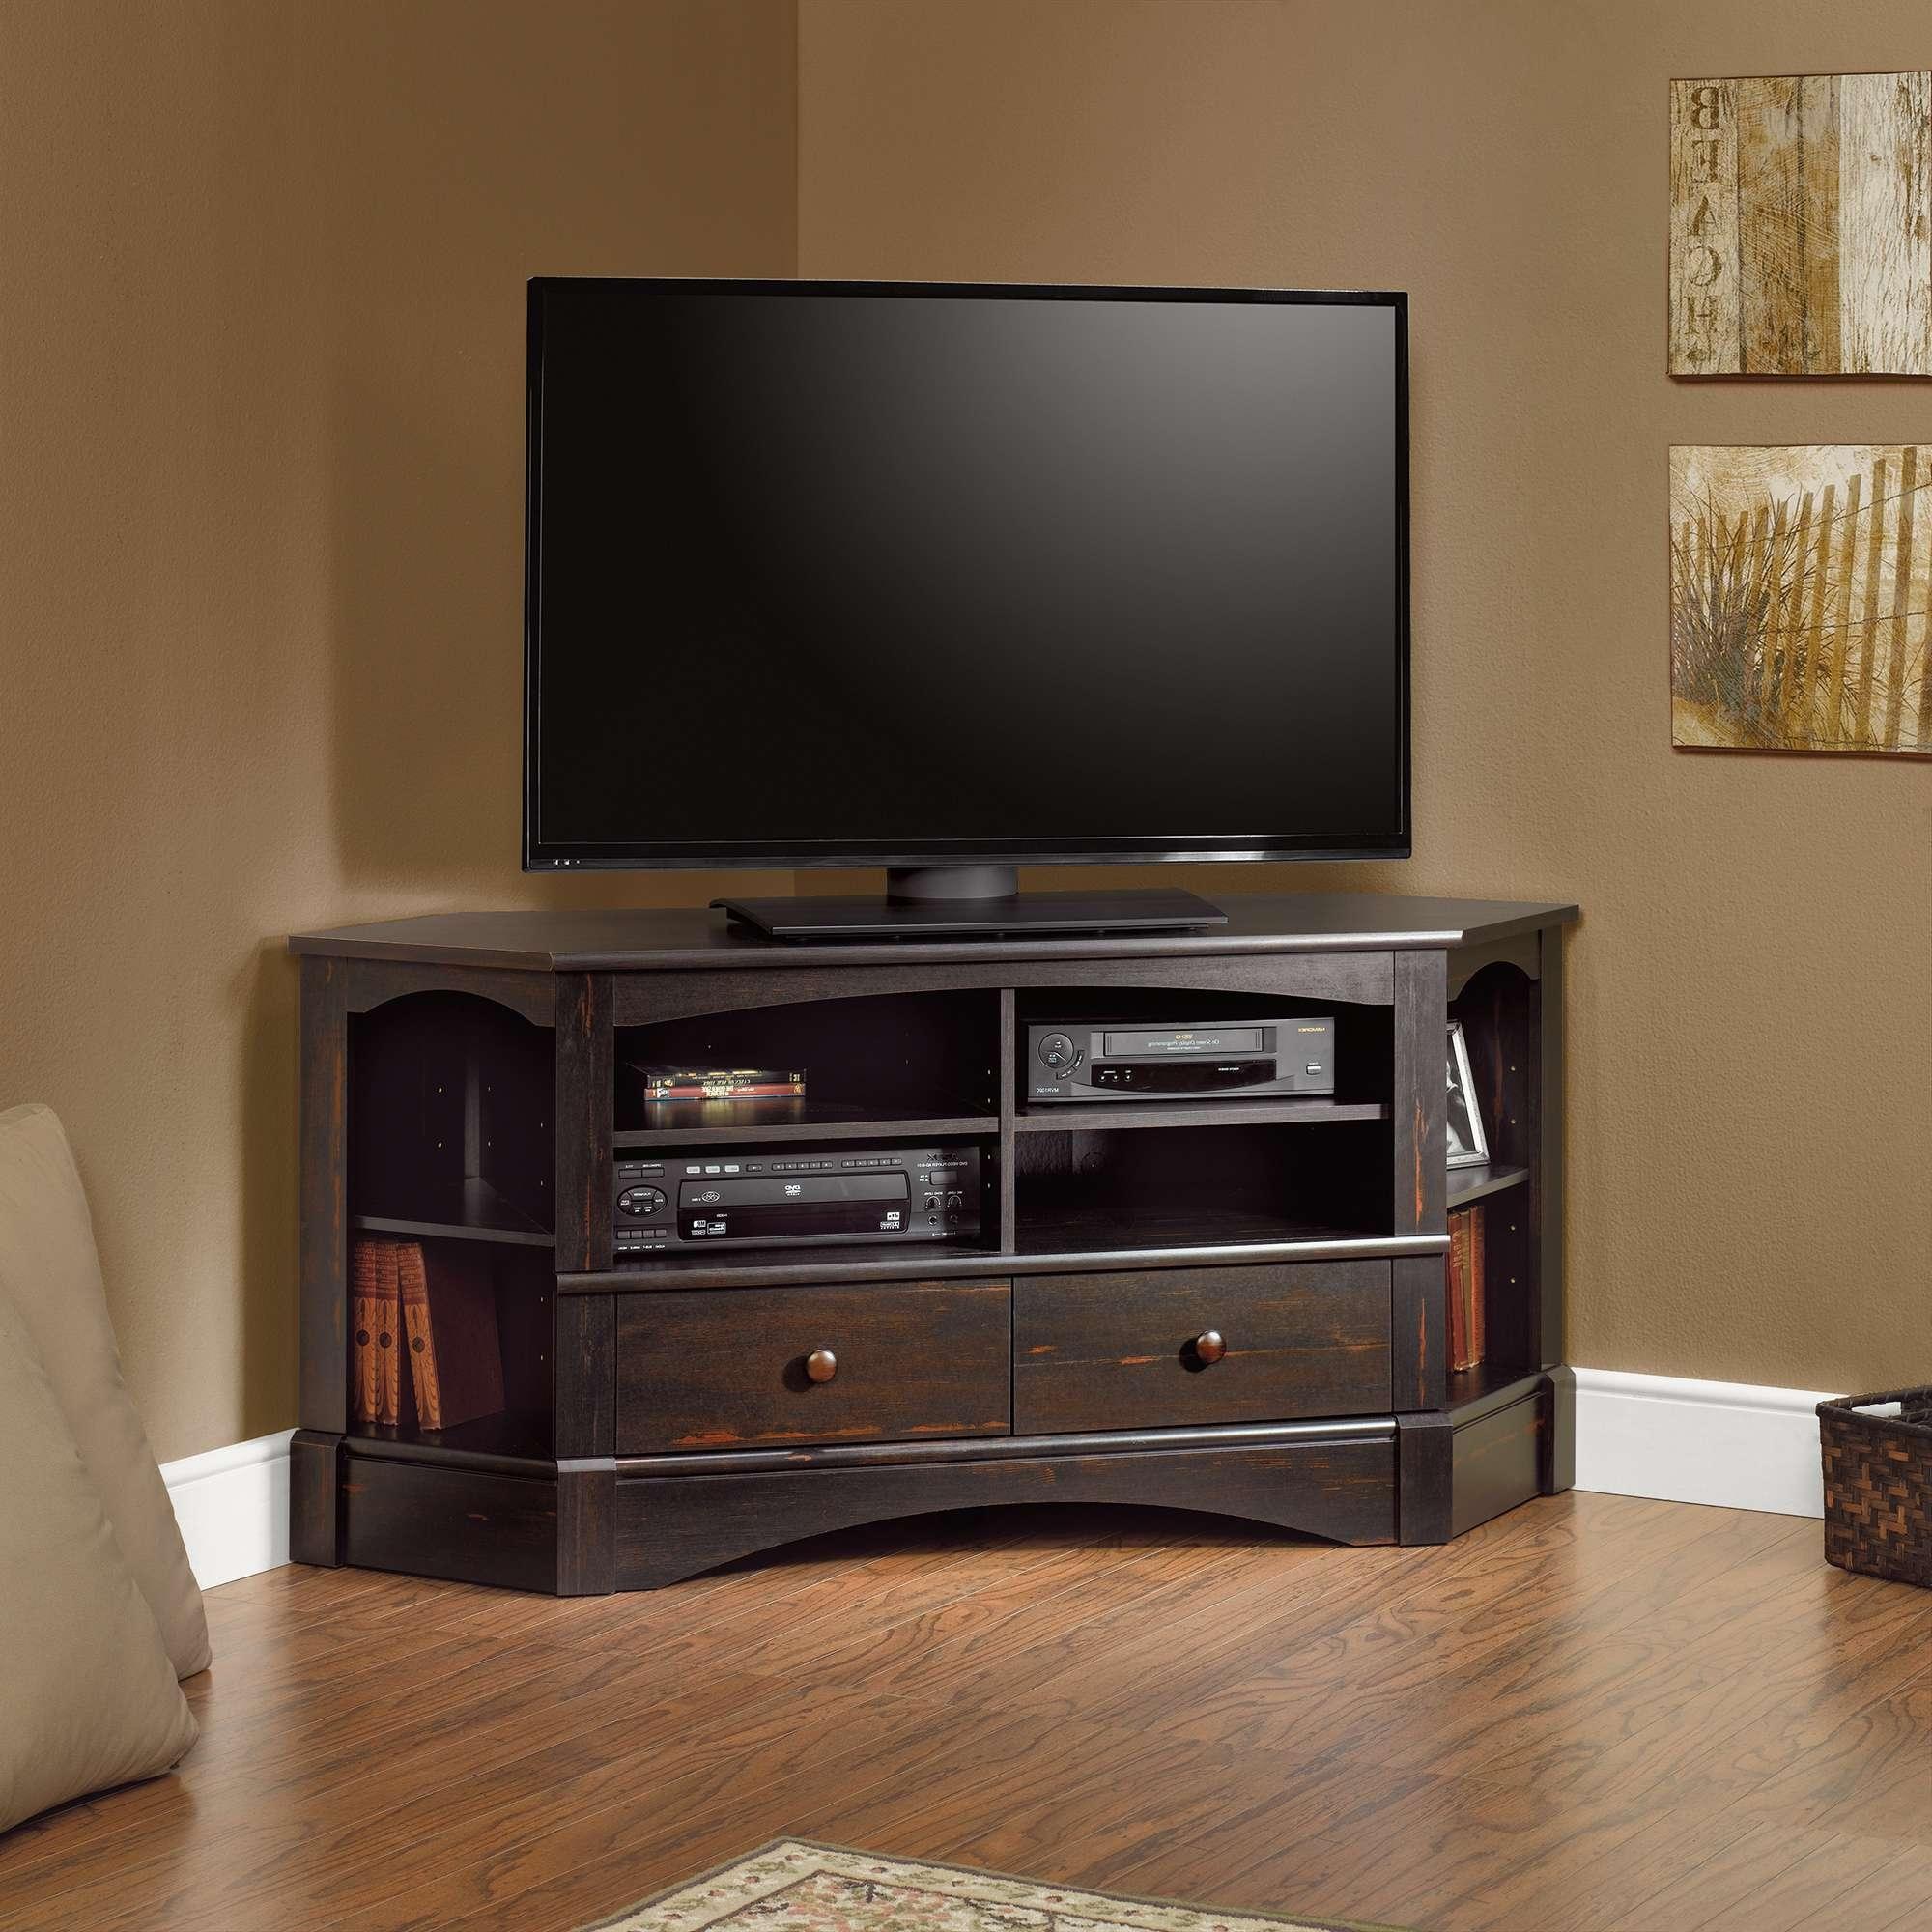 Fancy Matte Varnished Dark Oak Wood Tall Corner Tv Stand For Regarding Solid Wood Corner Tv Stands (View 2 of 20)